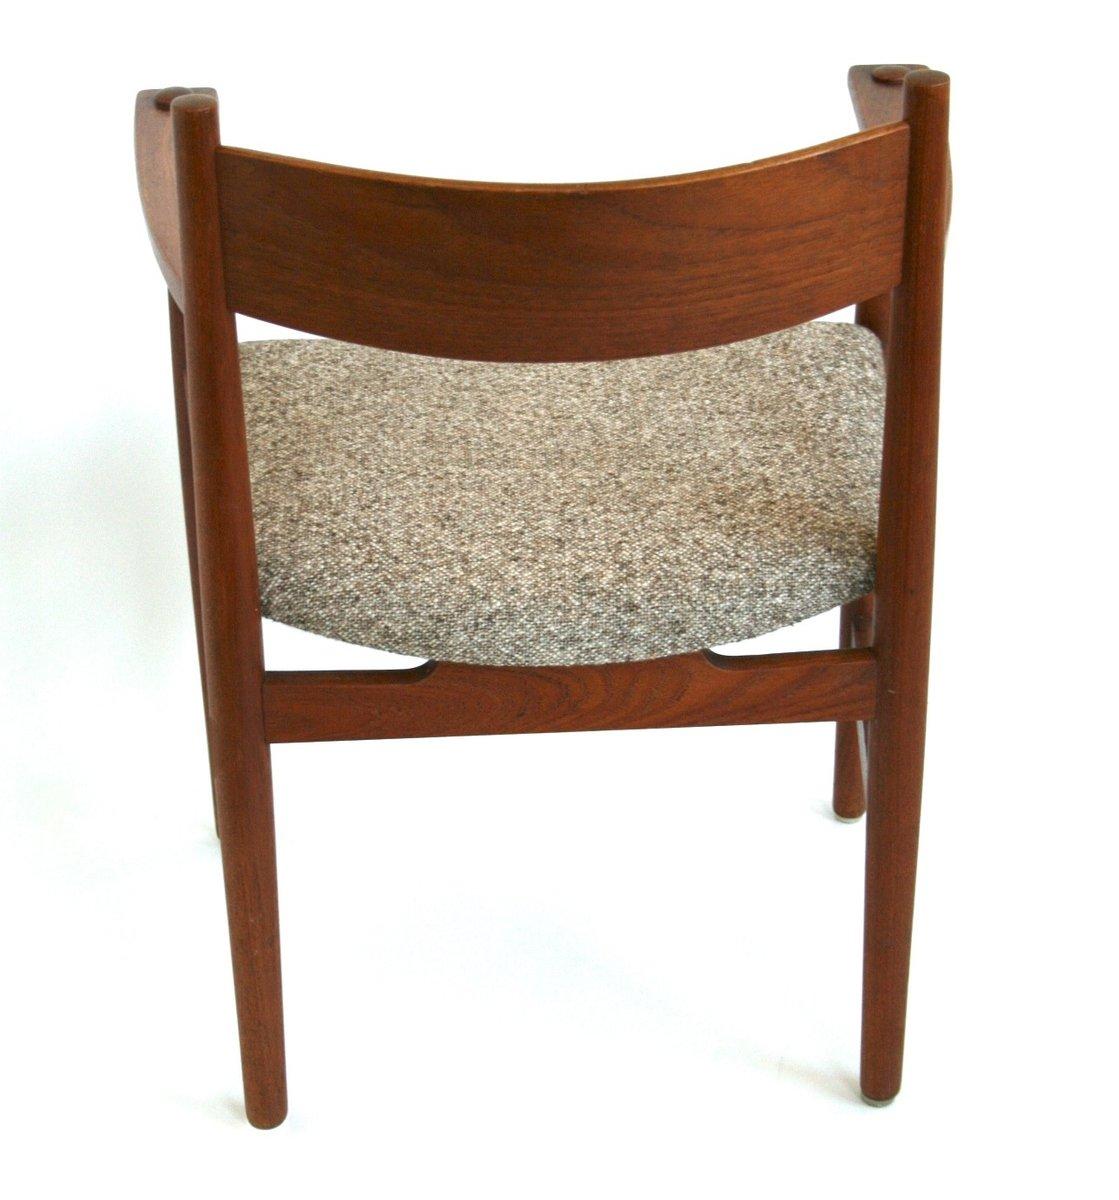 ch39 stuhl von hans j wegner f r carl hansen bei pamono. Black Bedroom Furniture Sets. Home Design Ideas